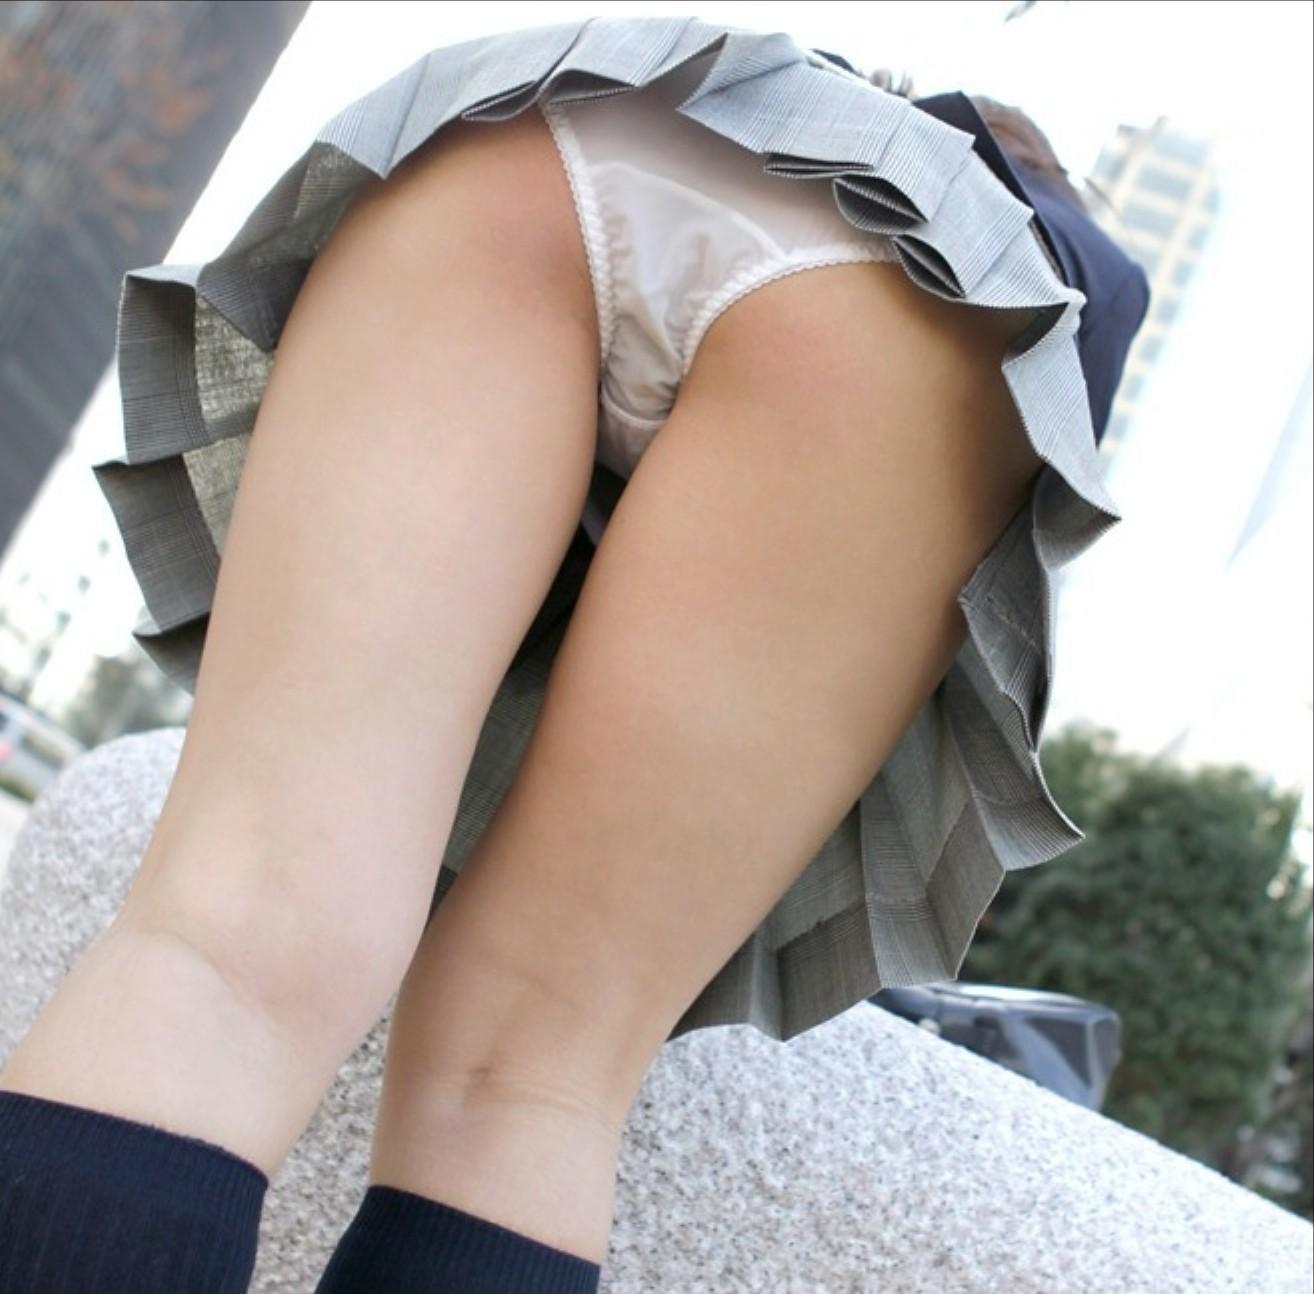 【パンチラエロ画像】誘っているなら言って欲しいw下着を故意に見せる人達(;´Д`)